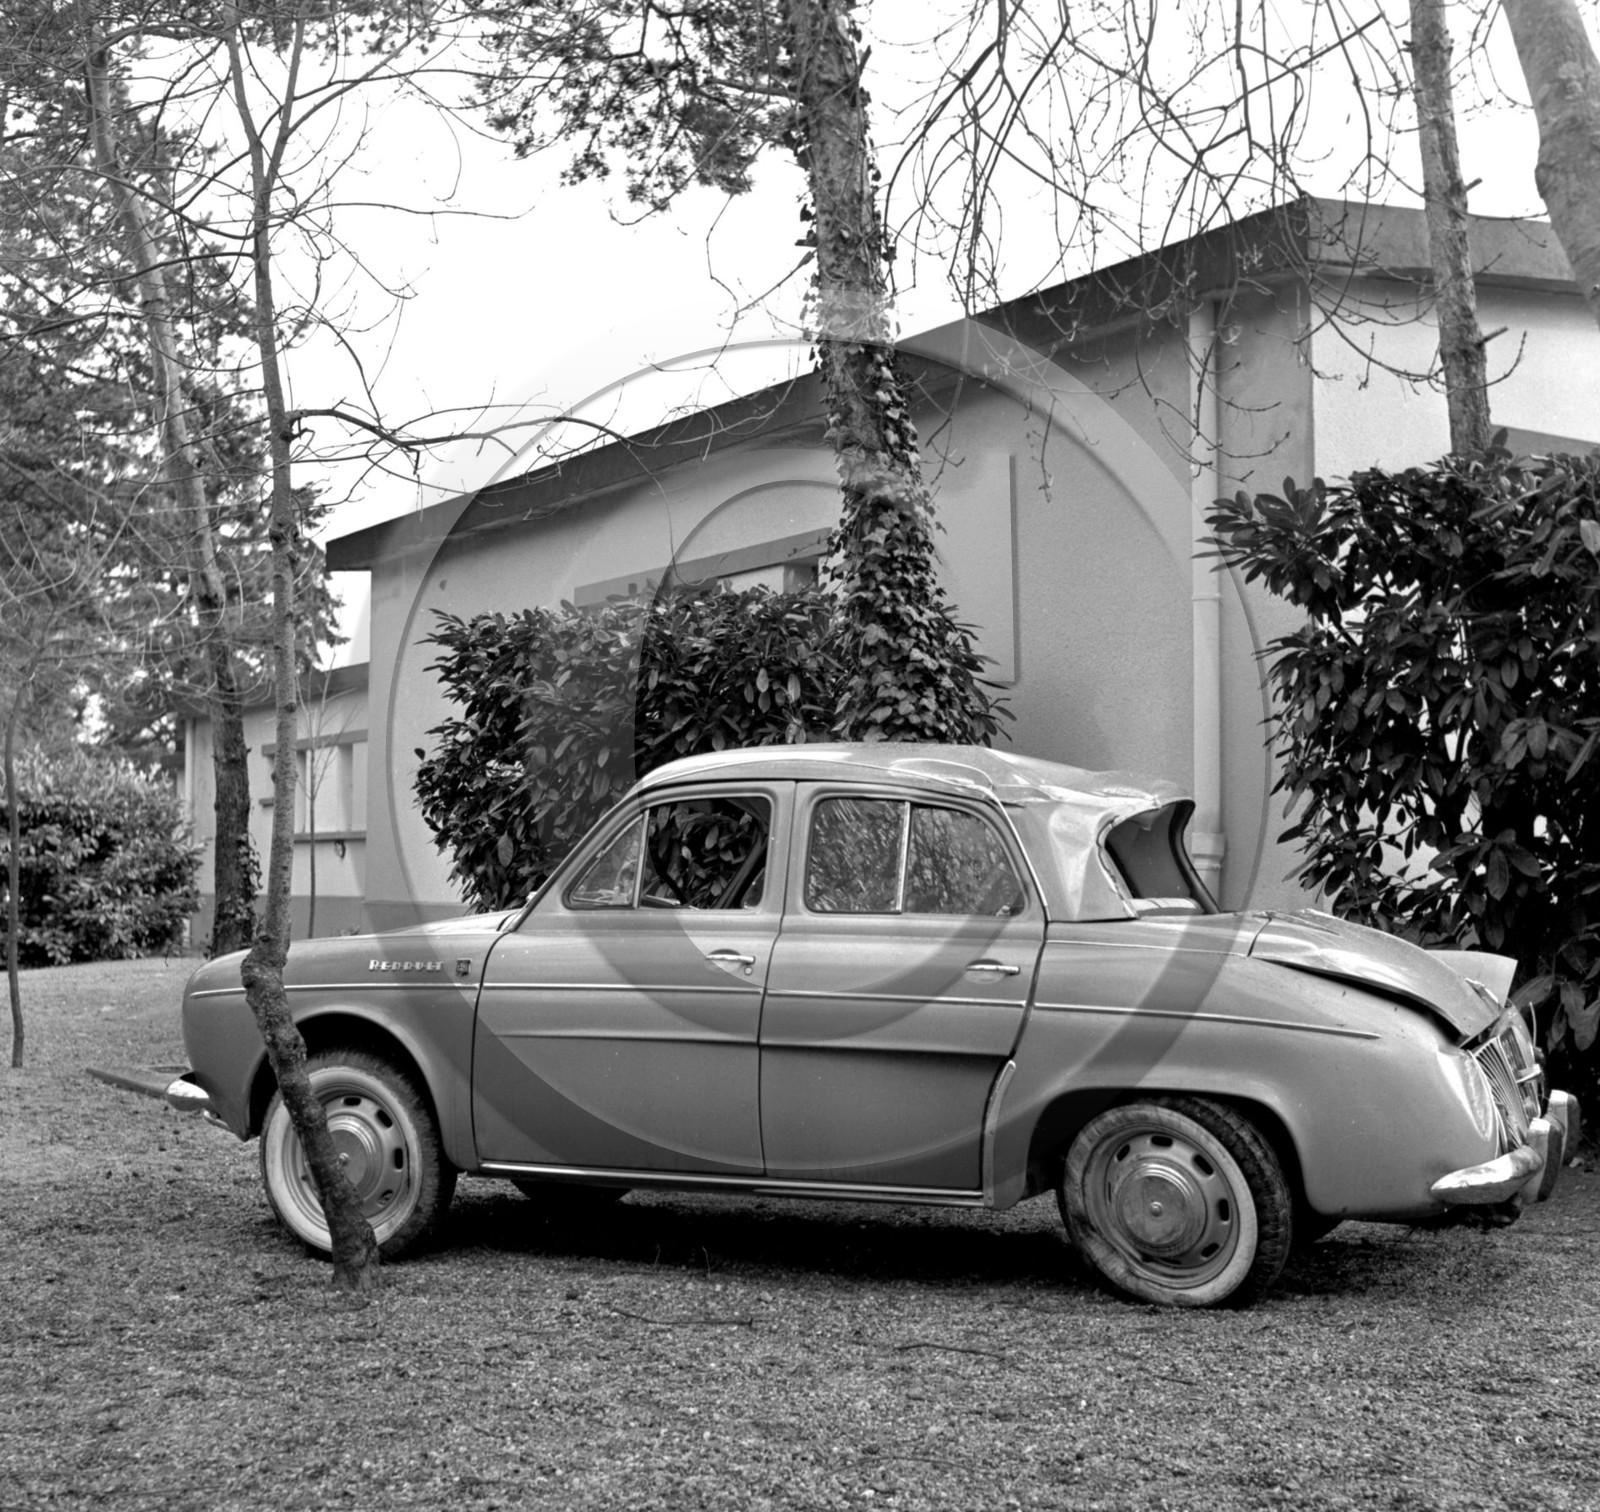 Renault Gordini: AU 2589 Renault Dauphine Gordini .jpg